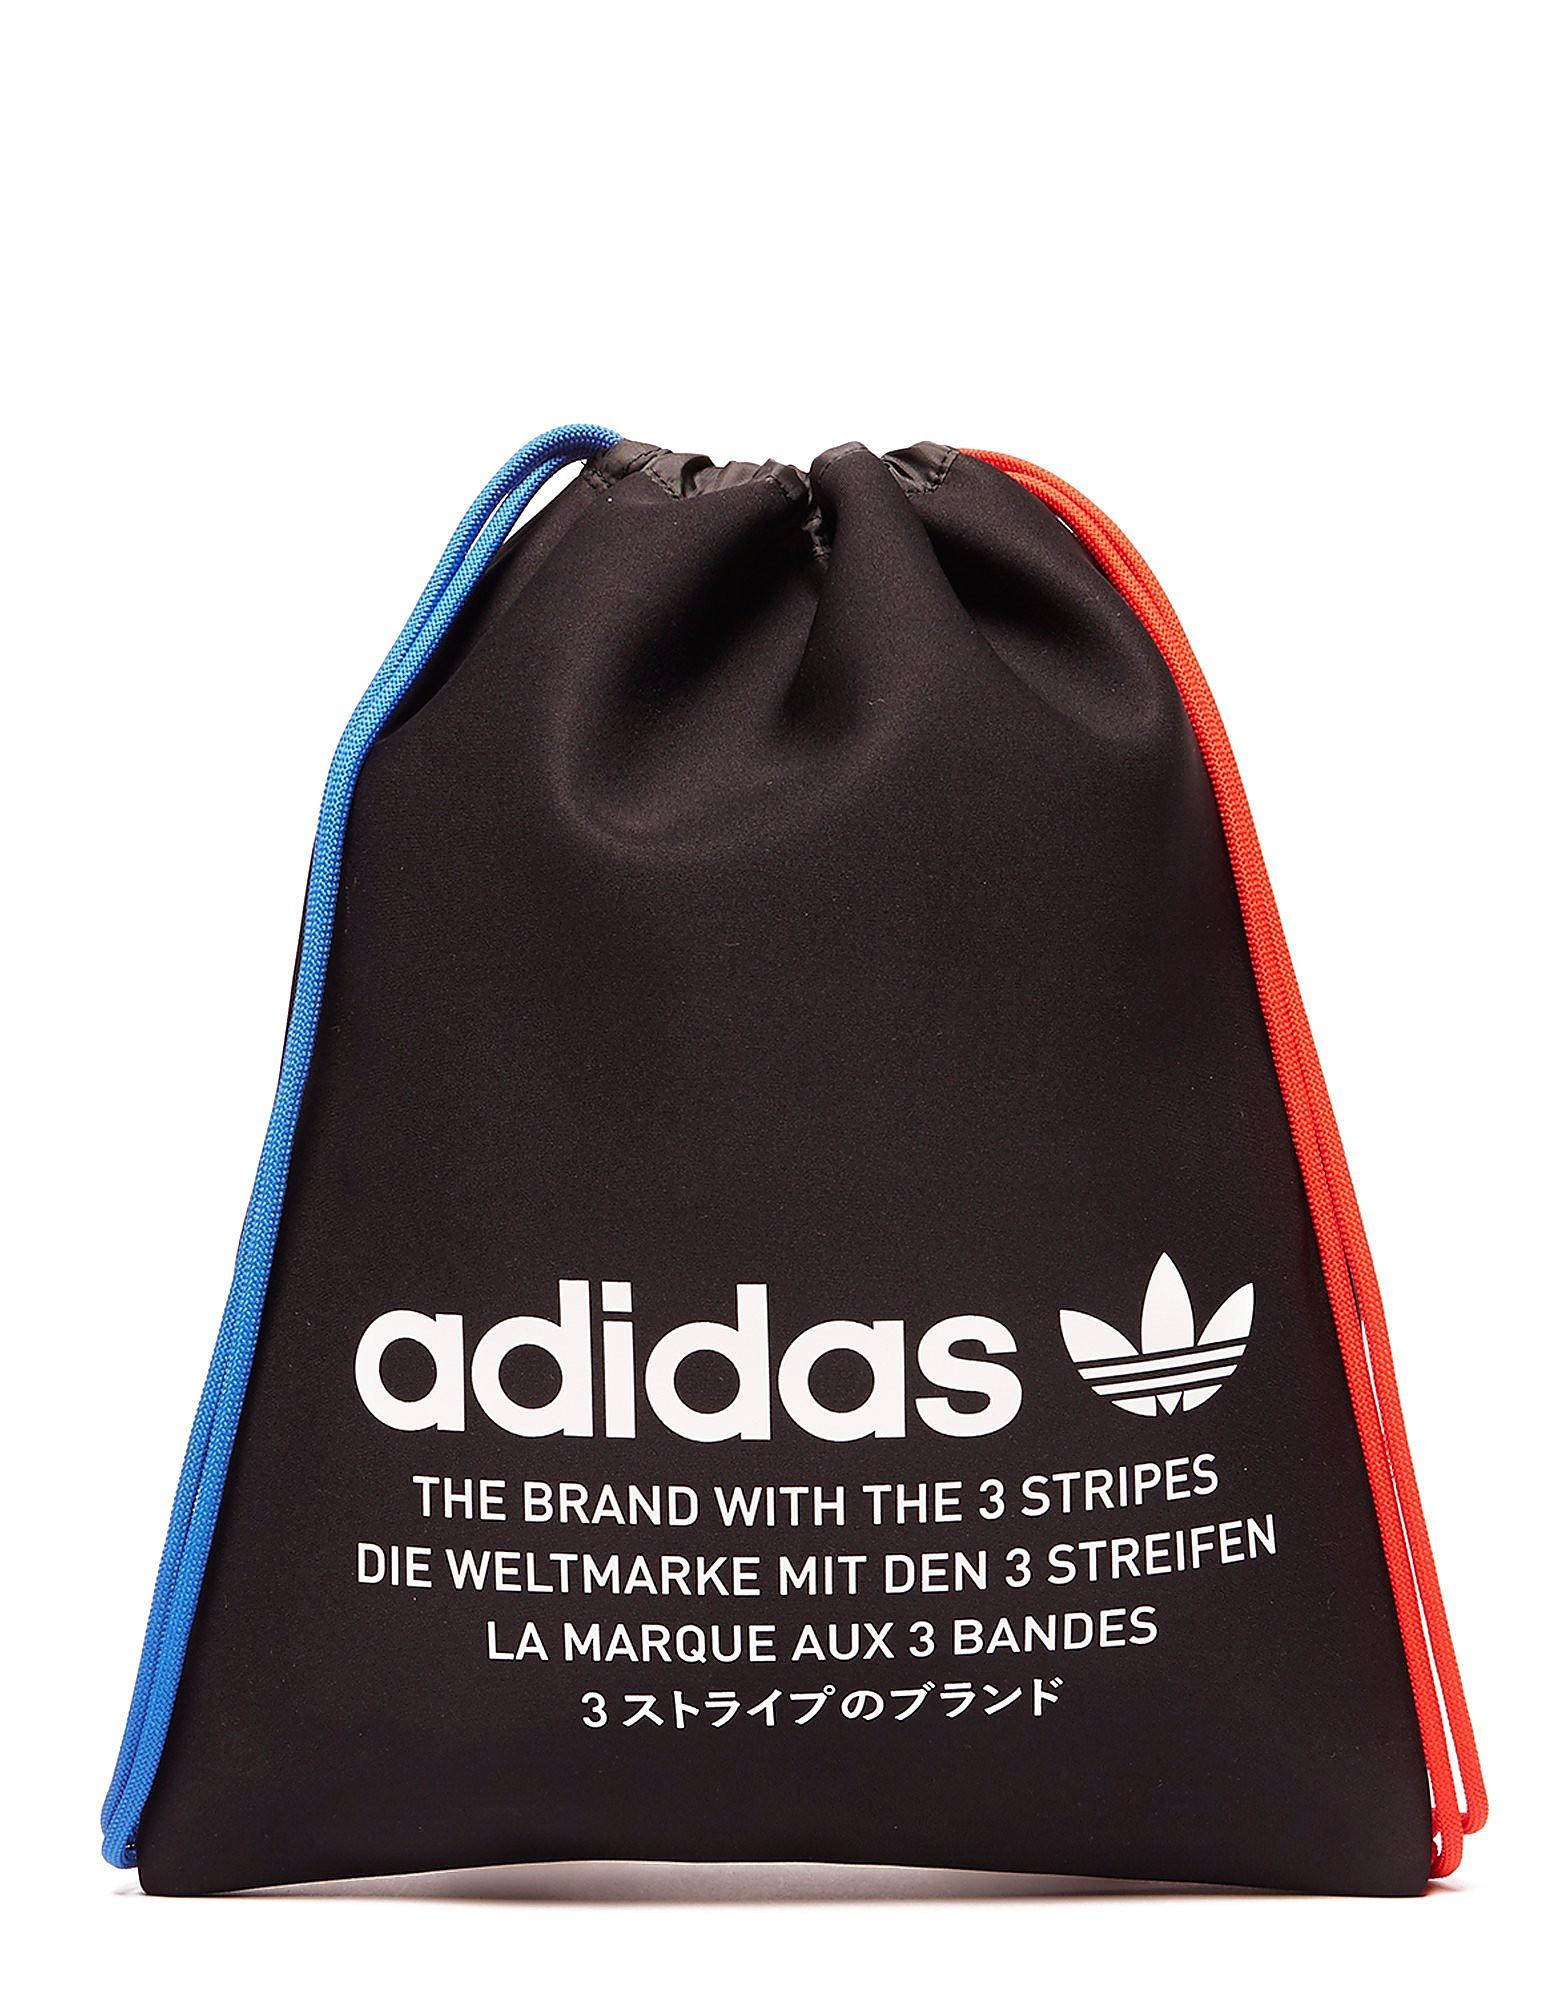 adidas Originals NMD Gymsack